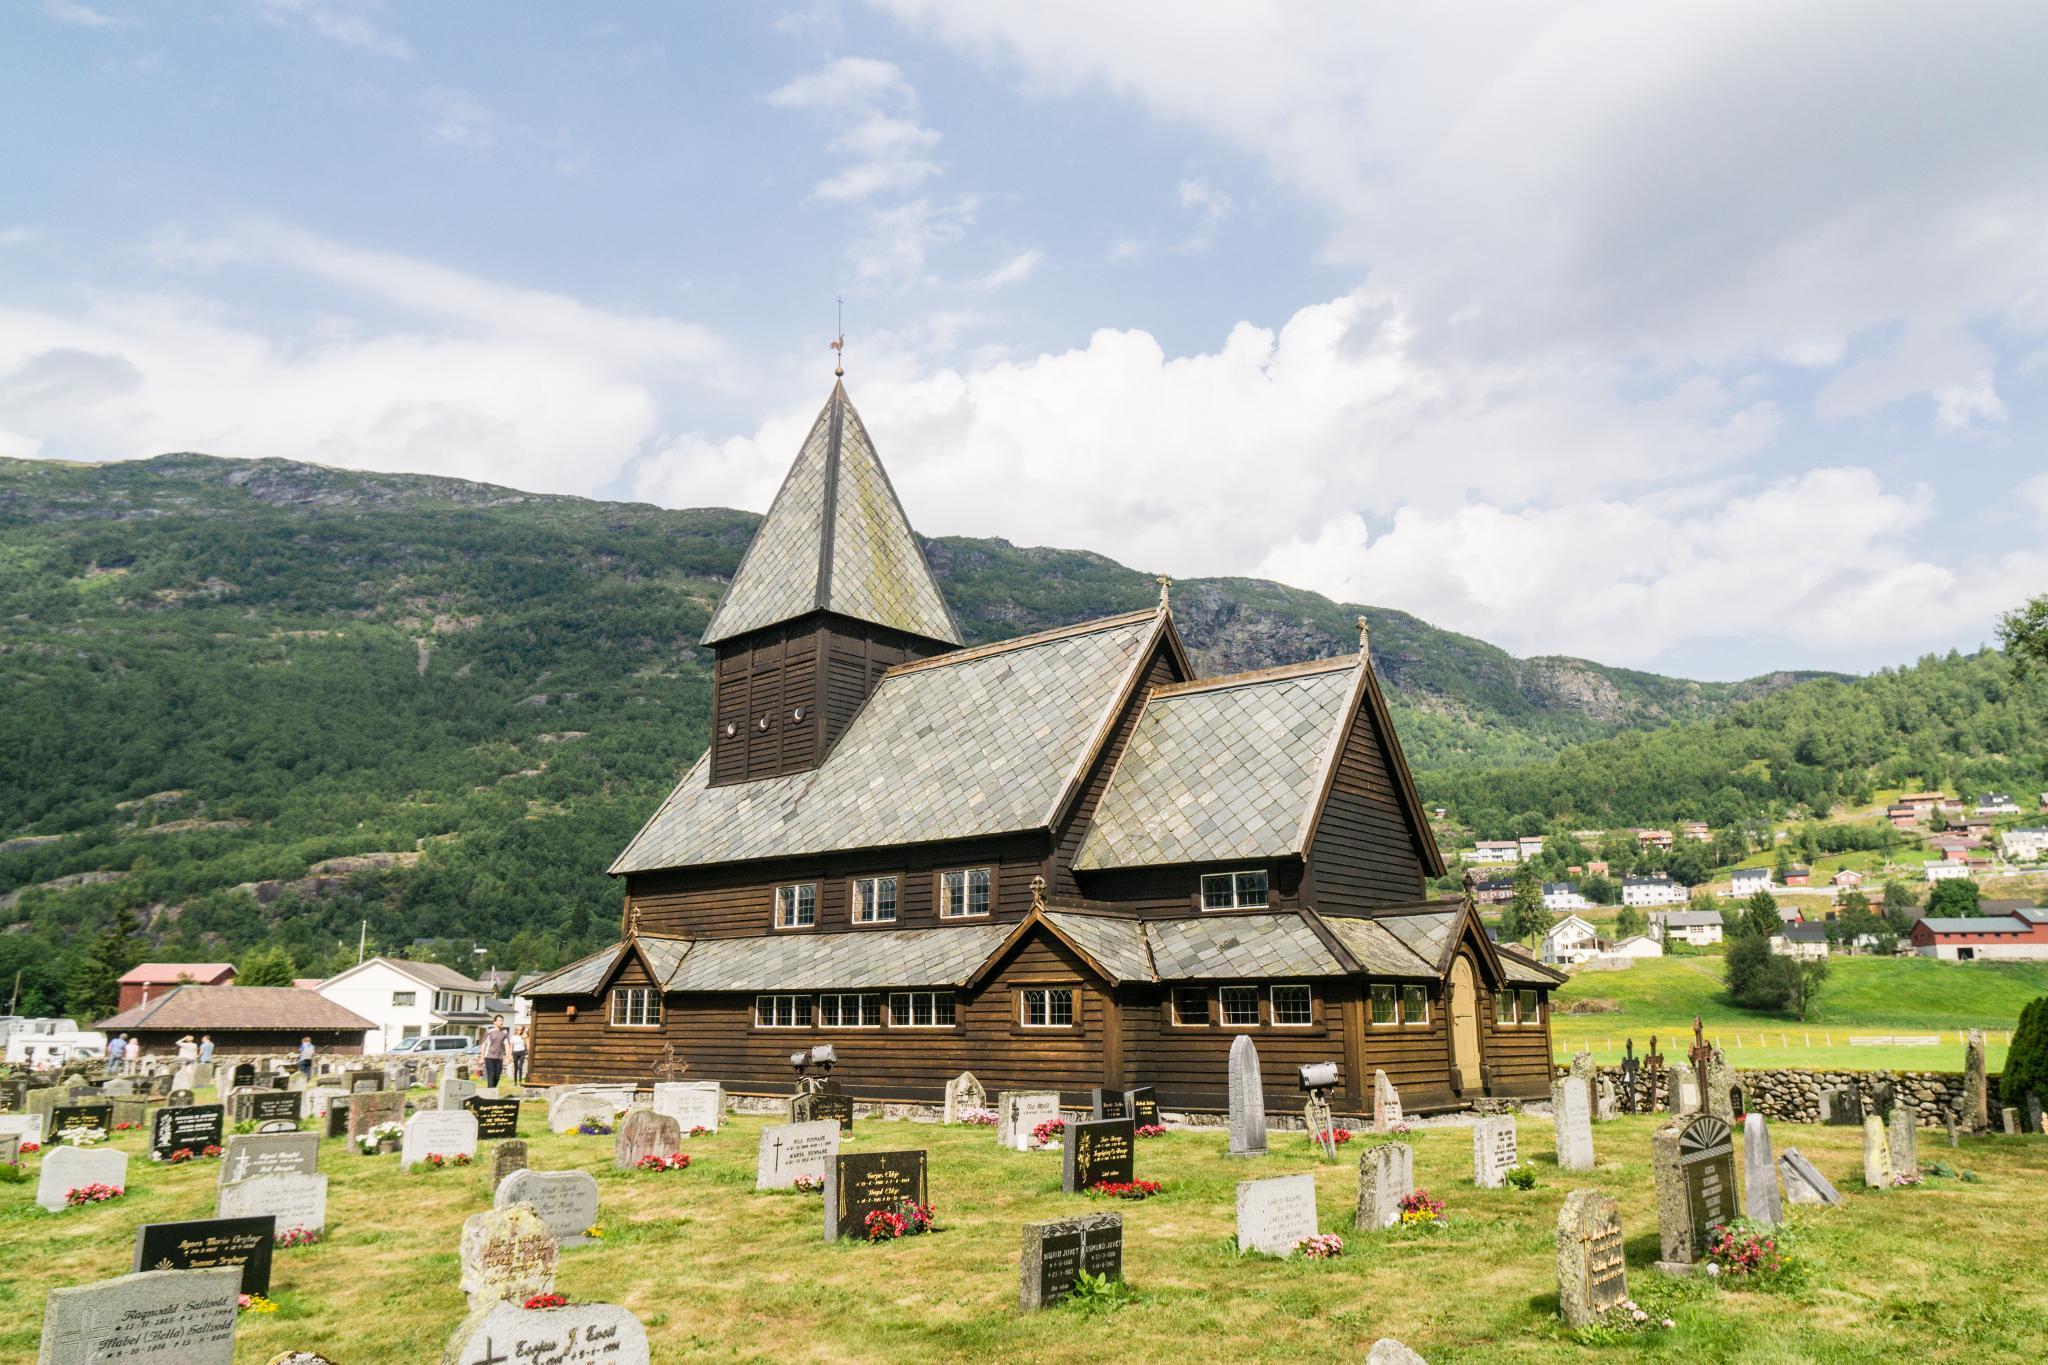 【北歐景點】中世紀的朝聖者之路:百年歷史的Røldal小鎮